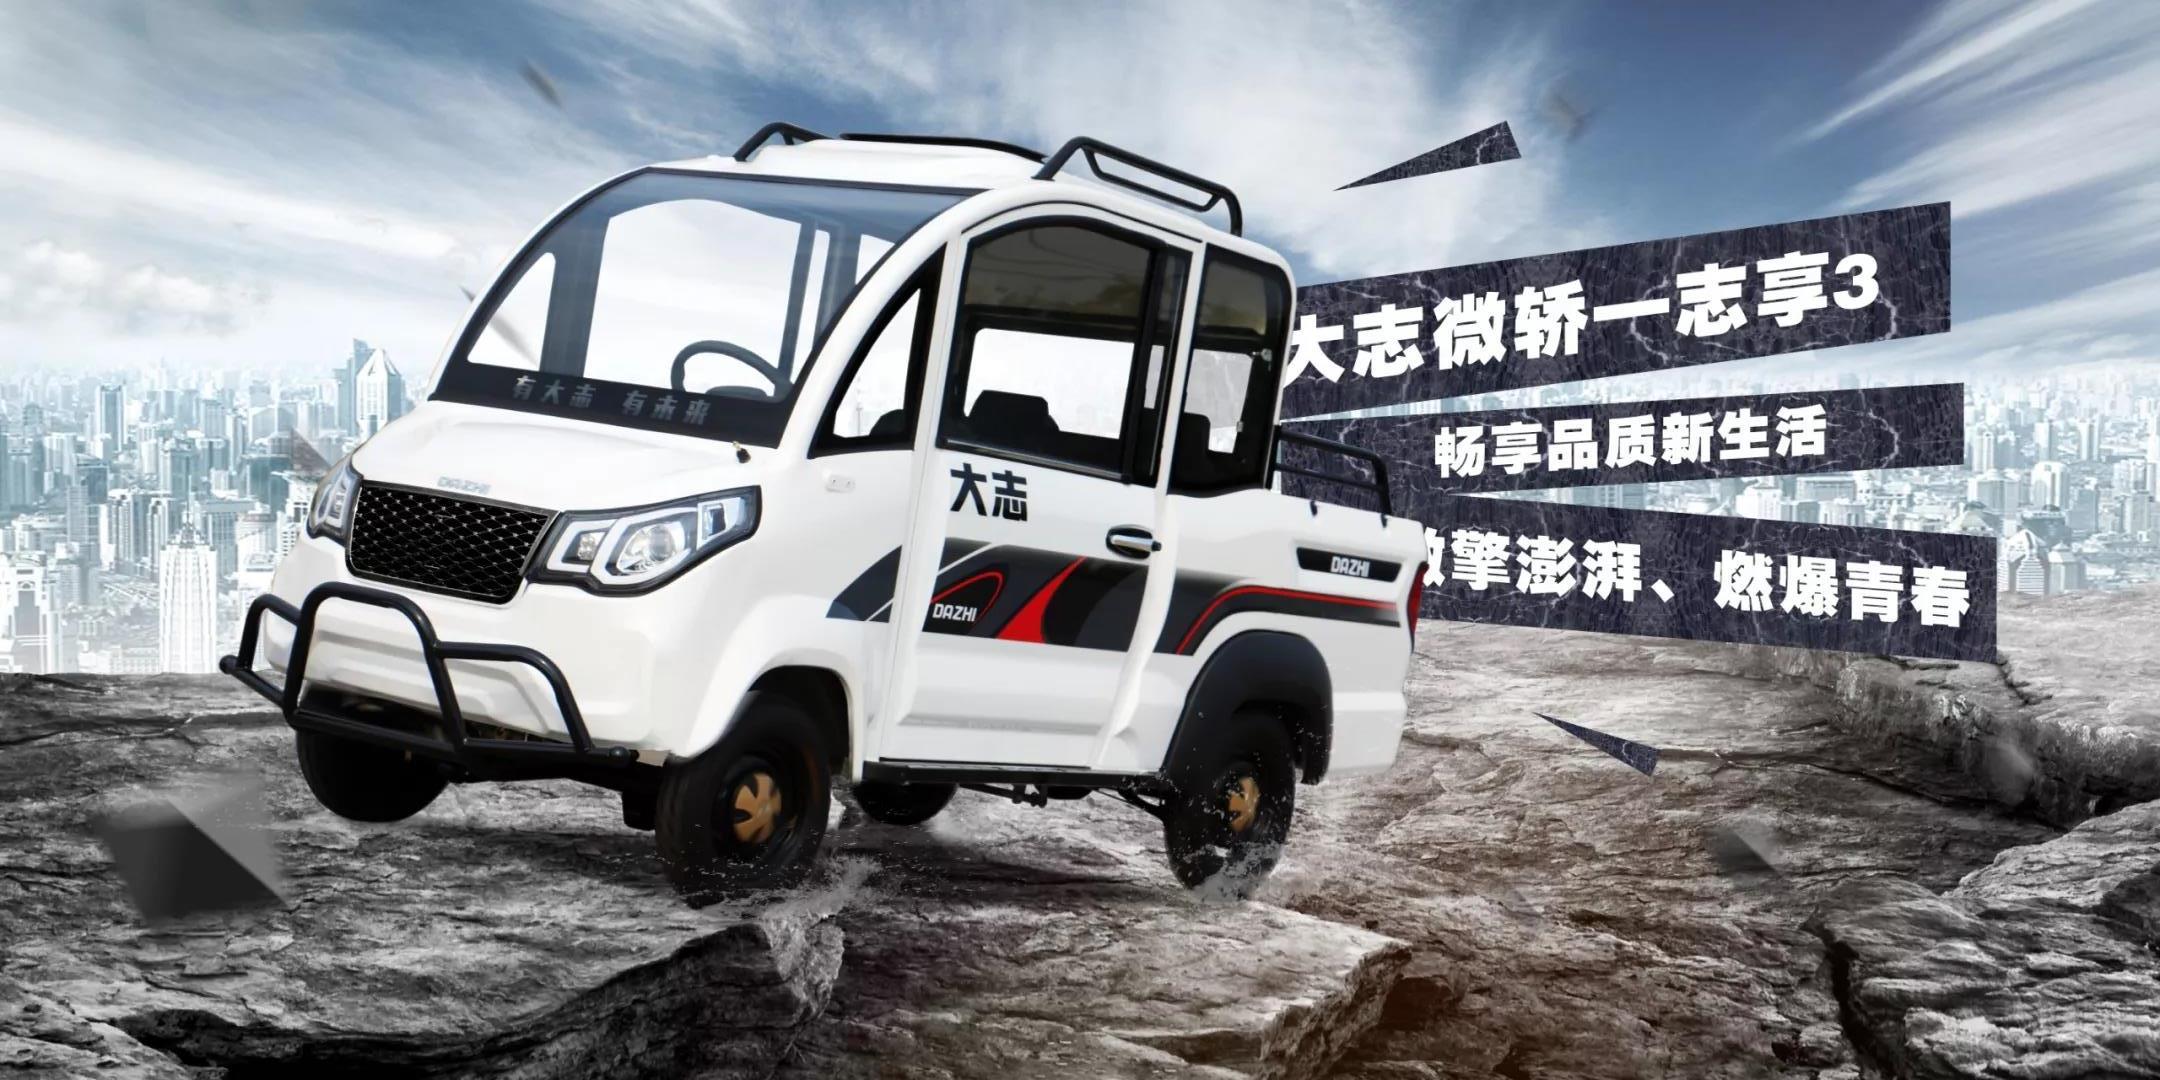 新品上市丨大志微轿志享3,引擎澎湃,动力无极限!